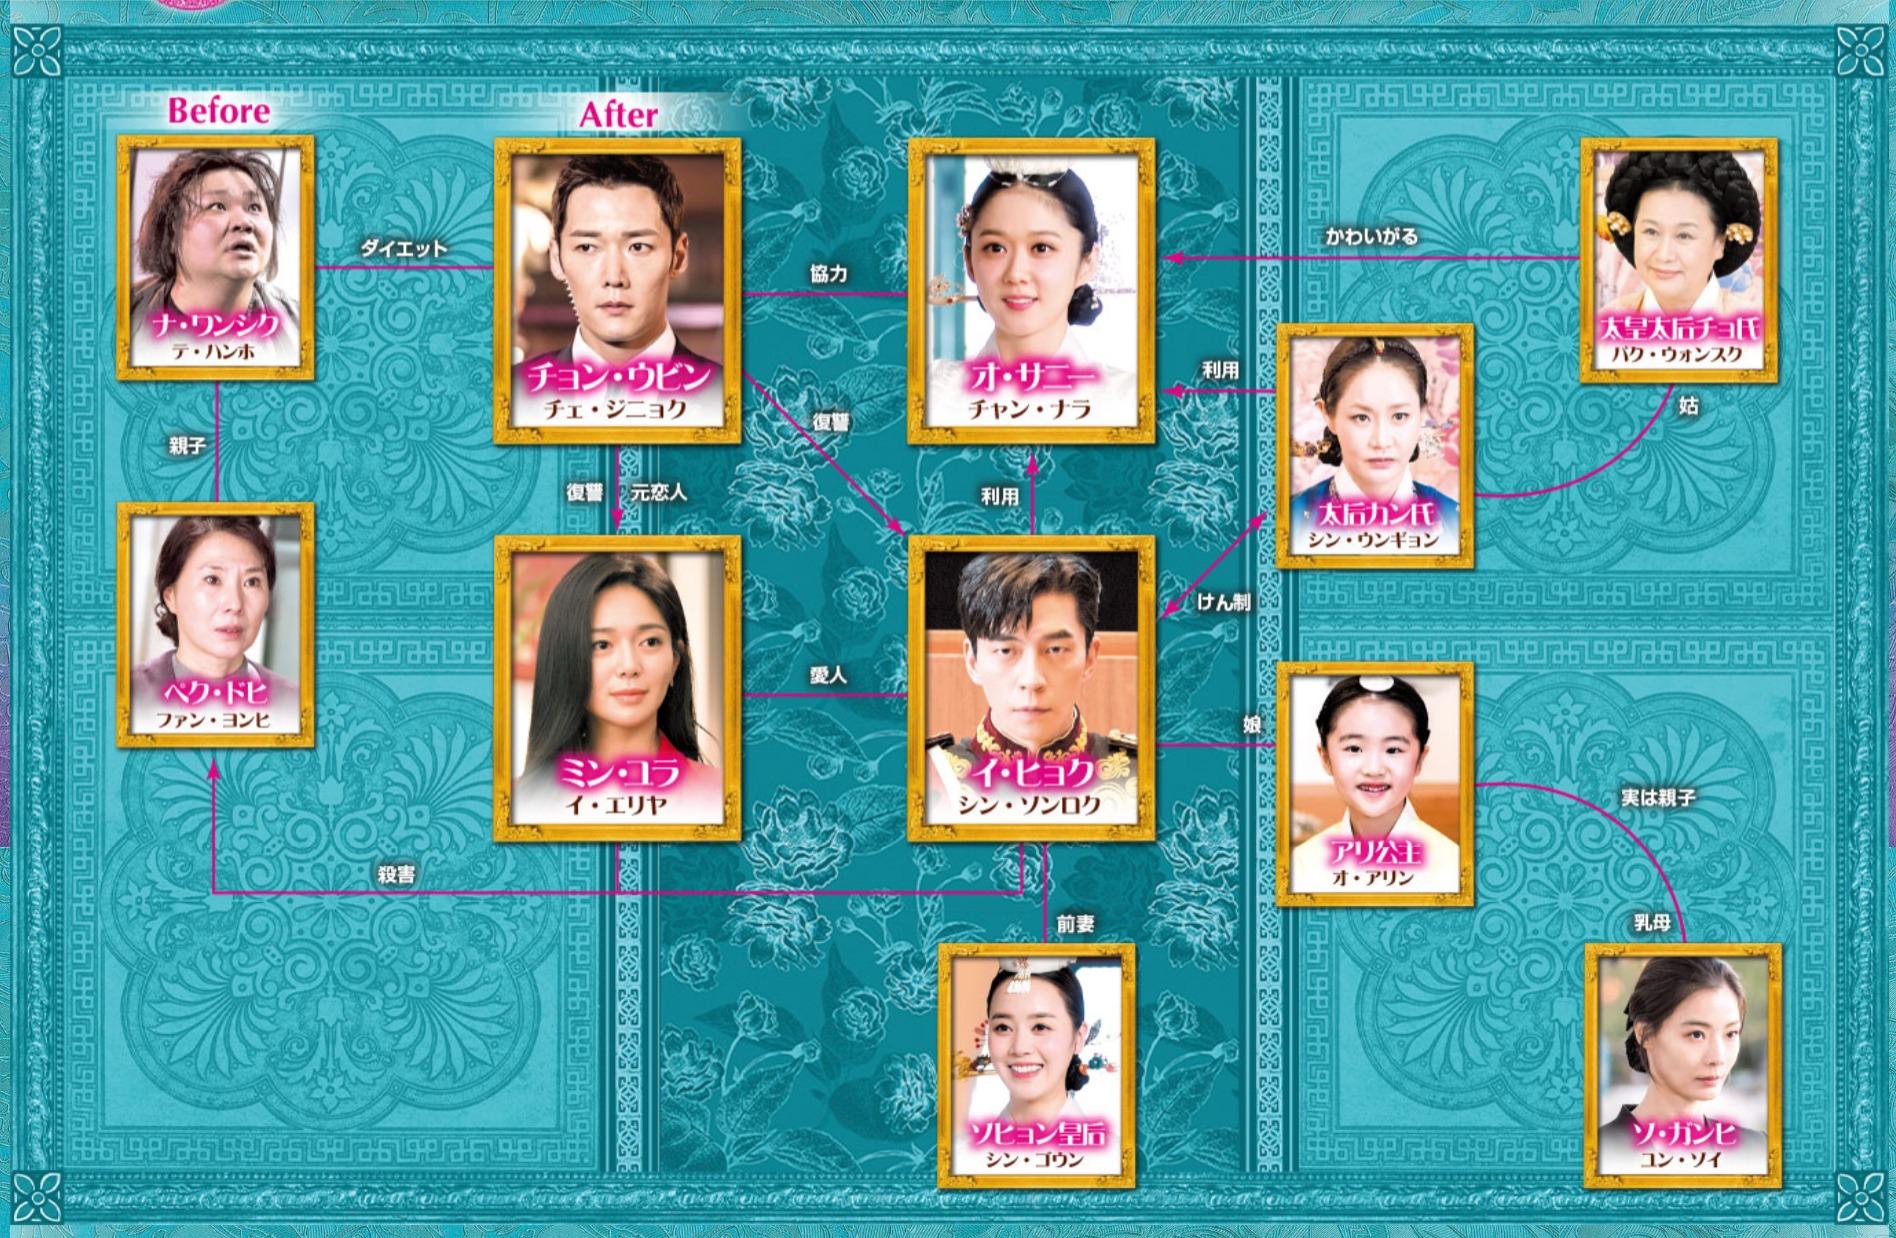 韓国ドラマ『皇后の品格』登場人物相関図(関係図)